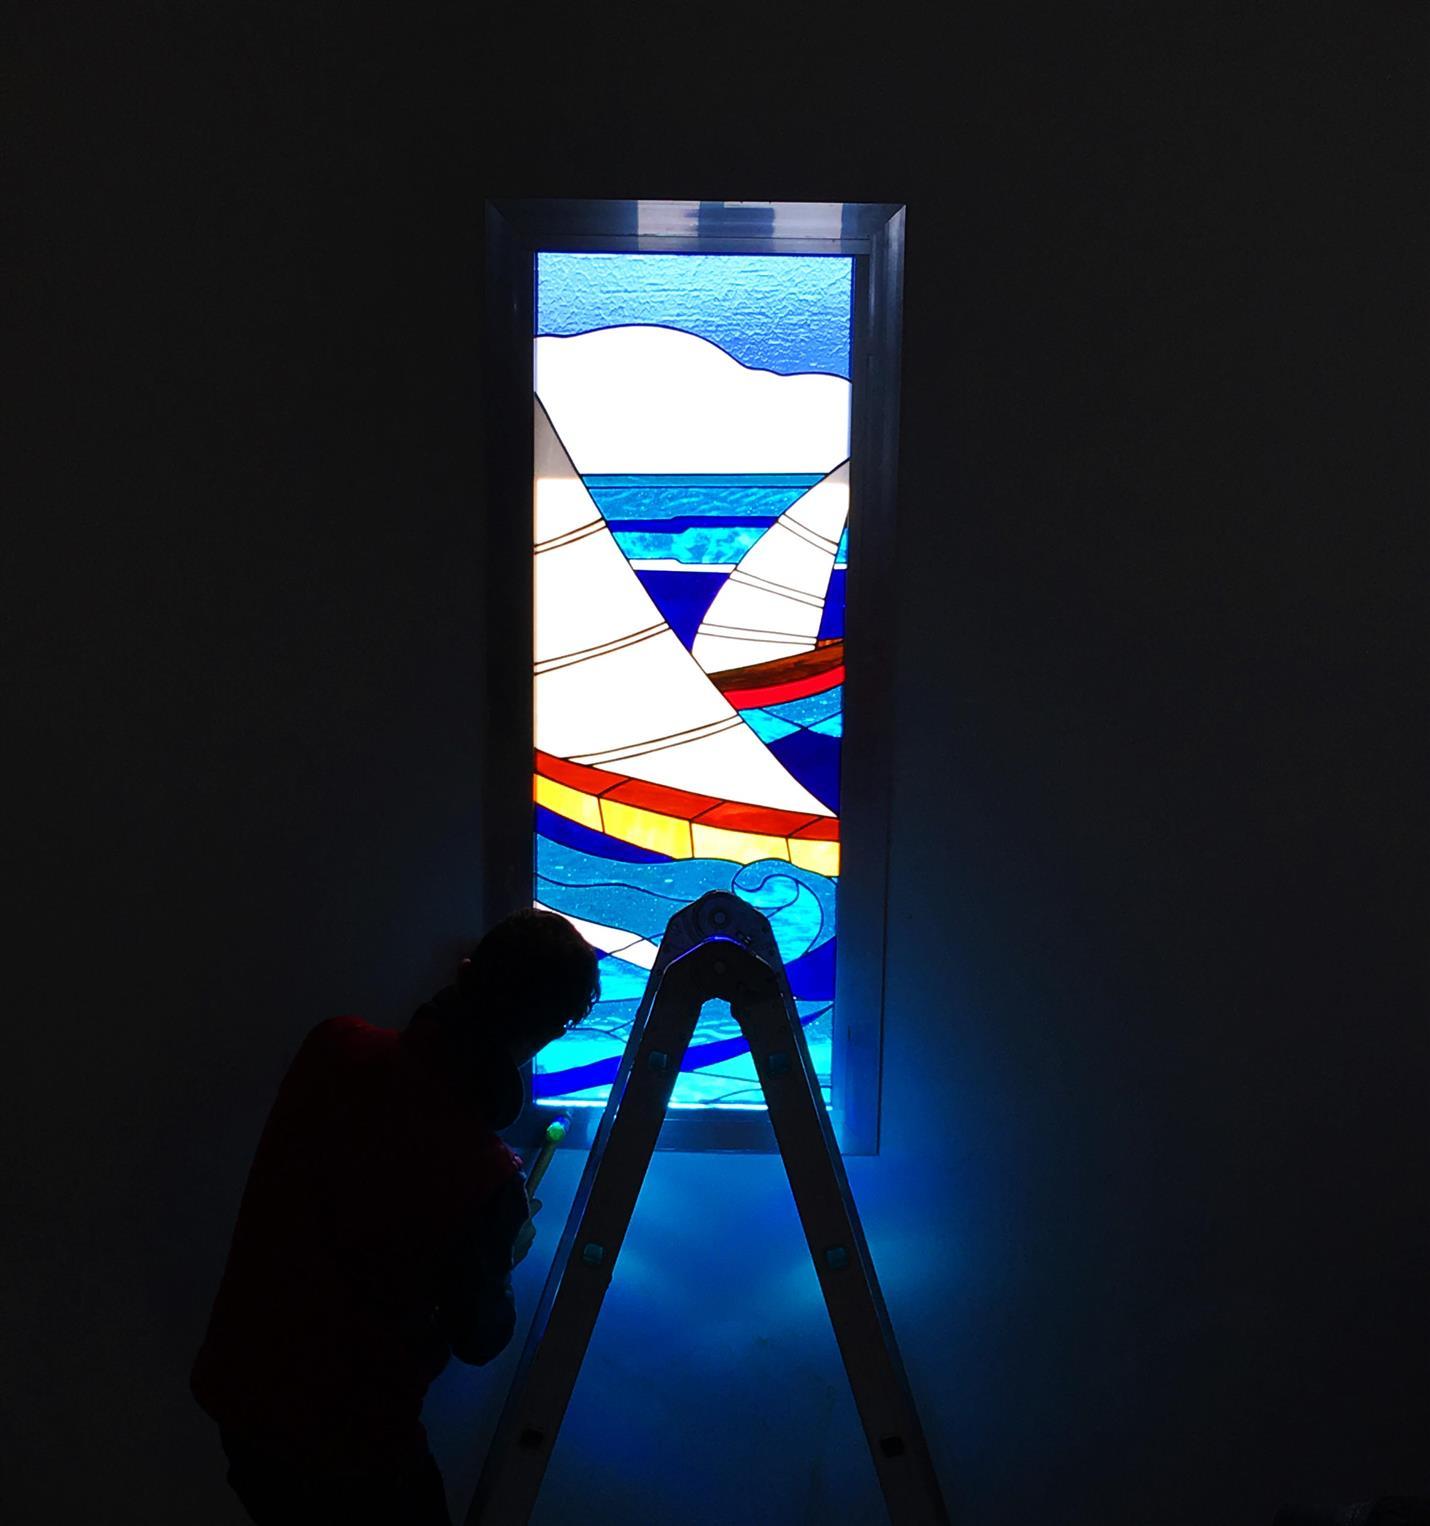 merdiven-cikisi-vitrayi-urla20171221193646907.jpg izmir vitray çalışması